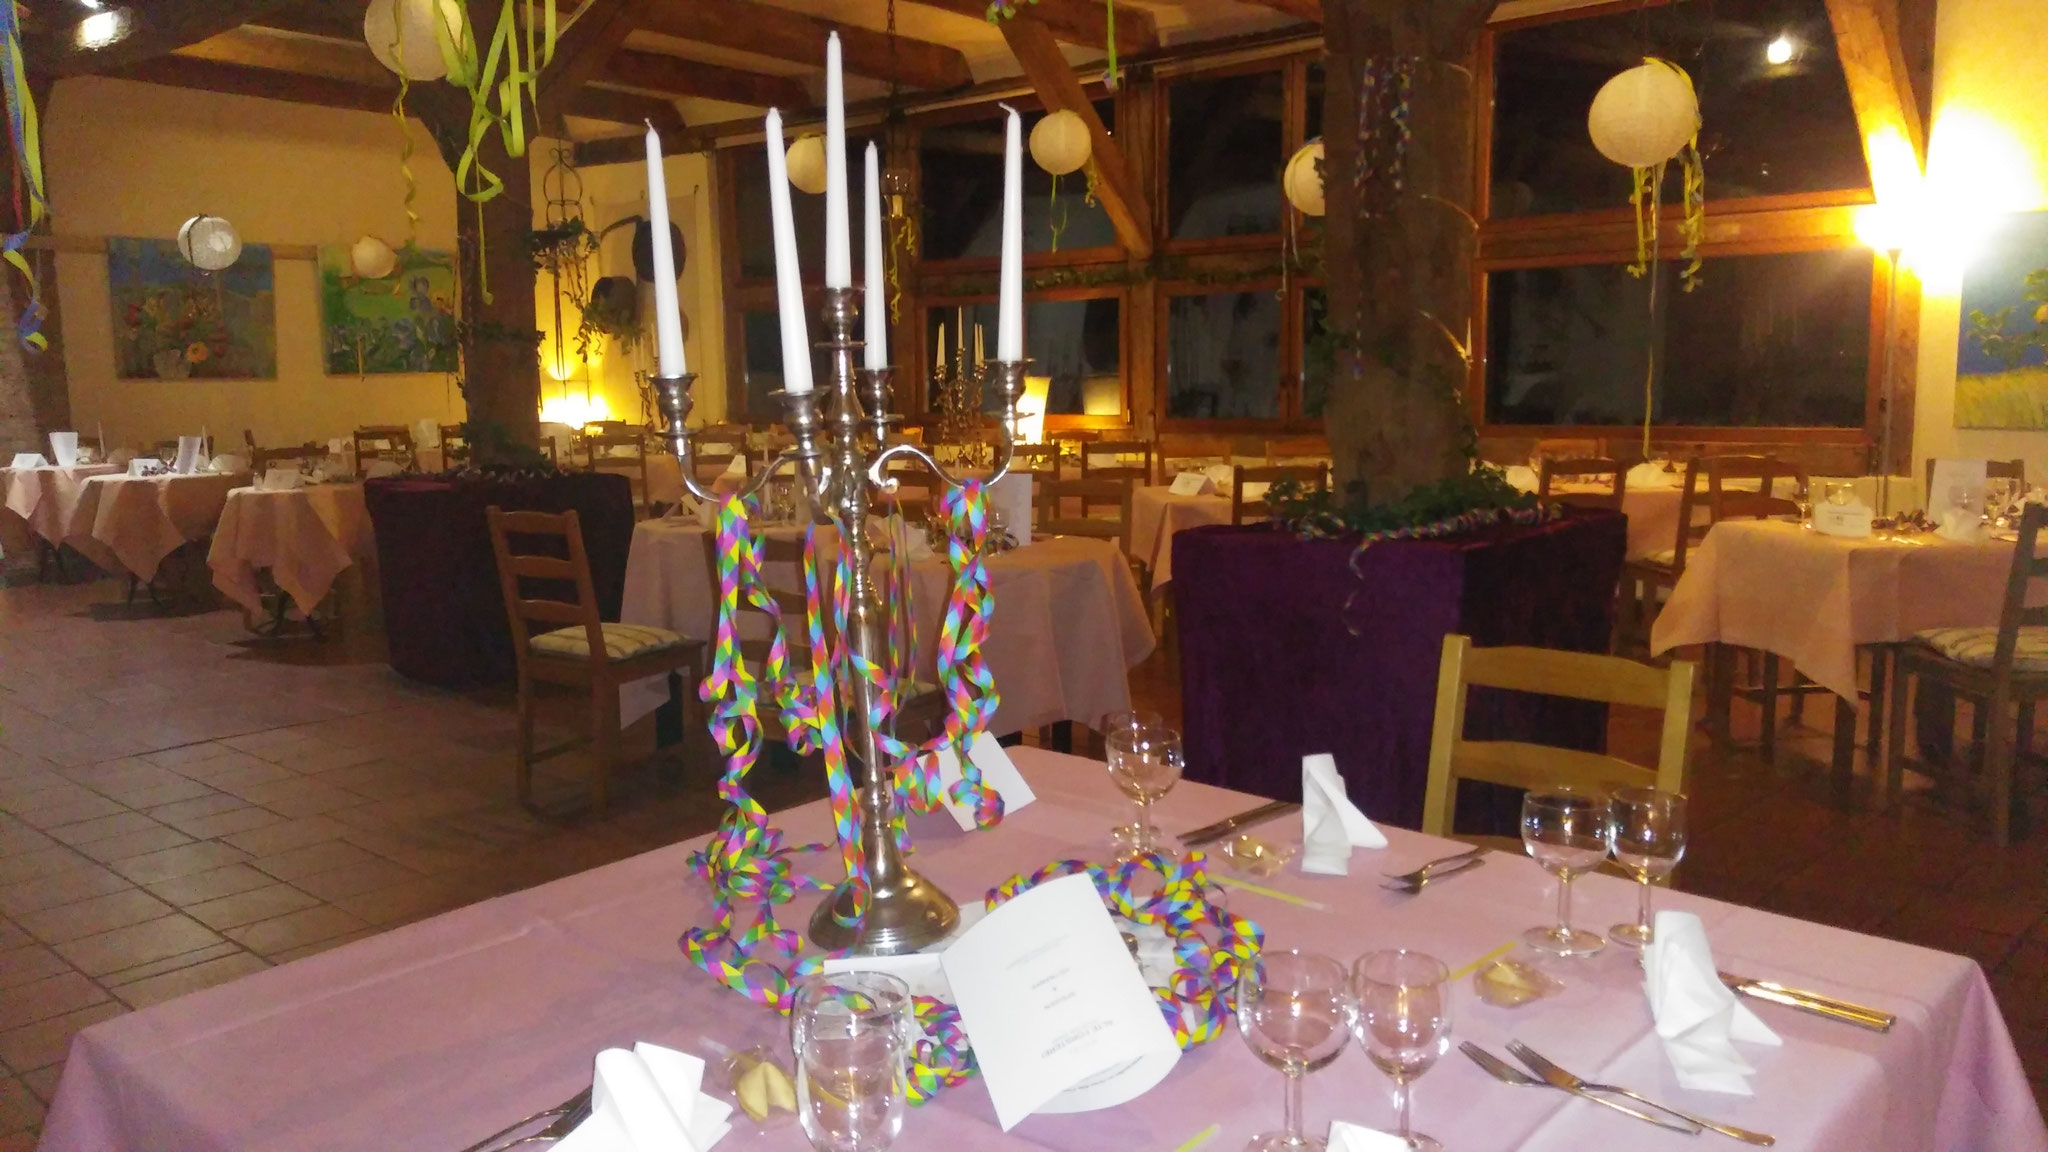 ausgelassen Feiern im Hotel Alte Försterei Kloster Zinna